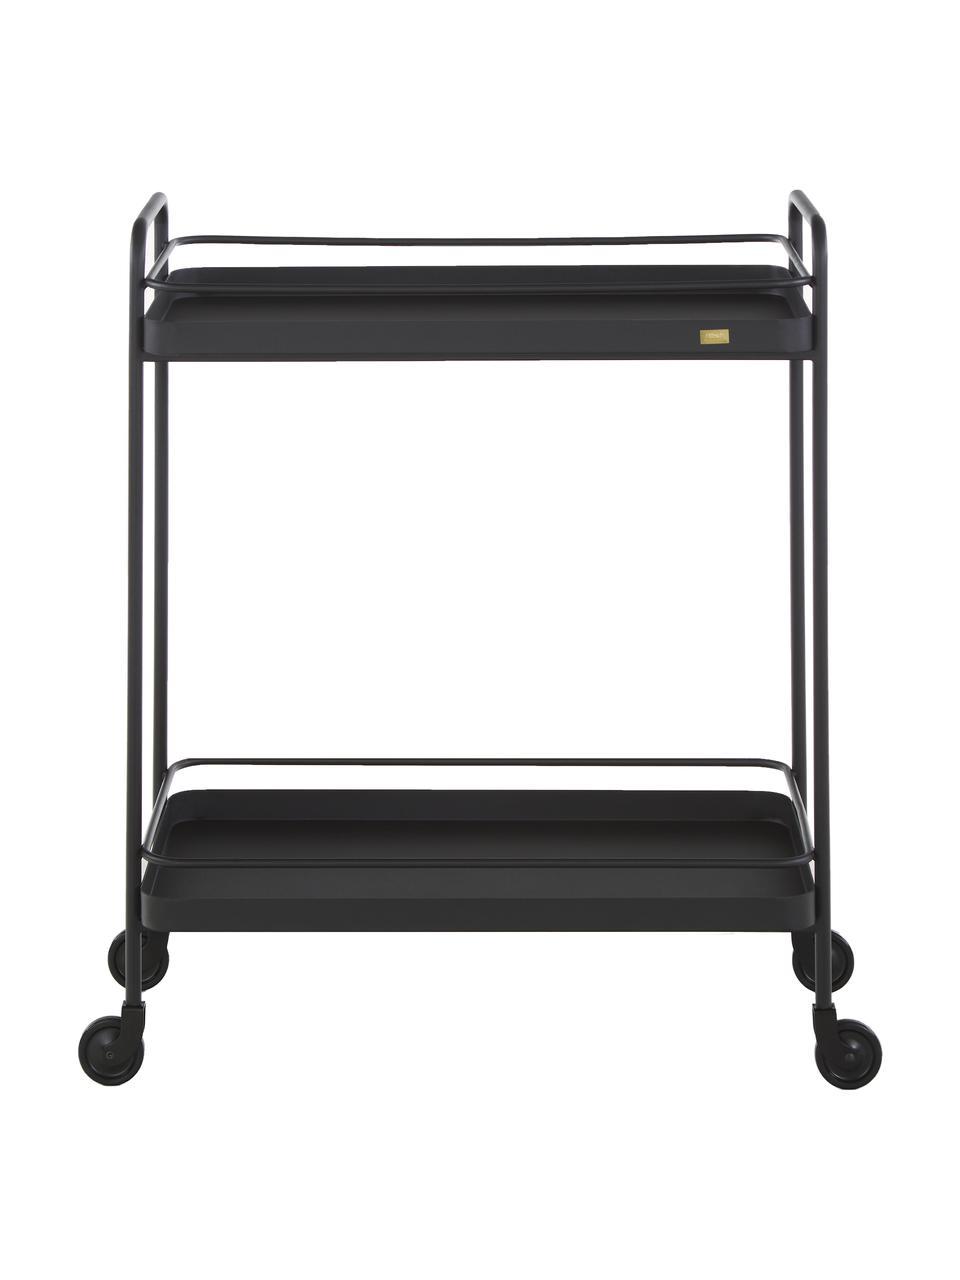 Wózek barowy Barclay, Metal, chropowaty, lakierowany, Czarny, S 62 x W 79 cm